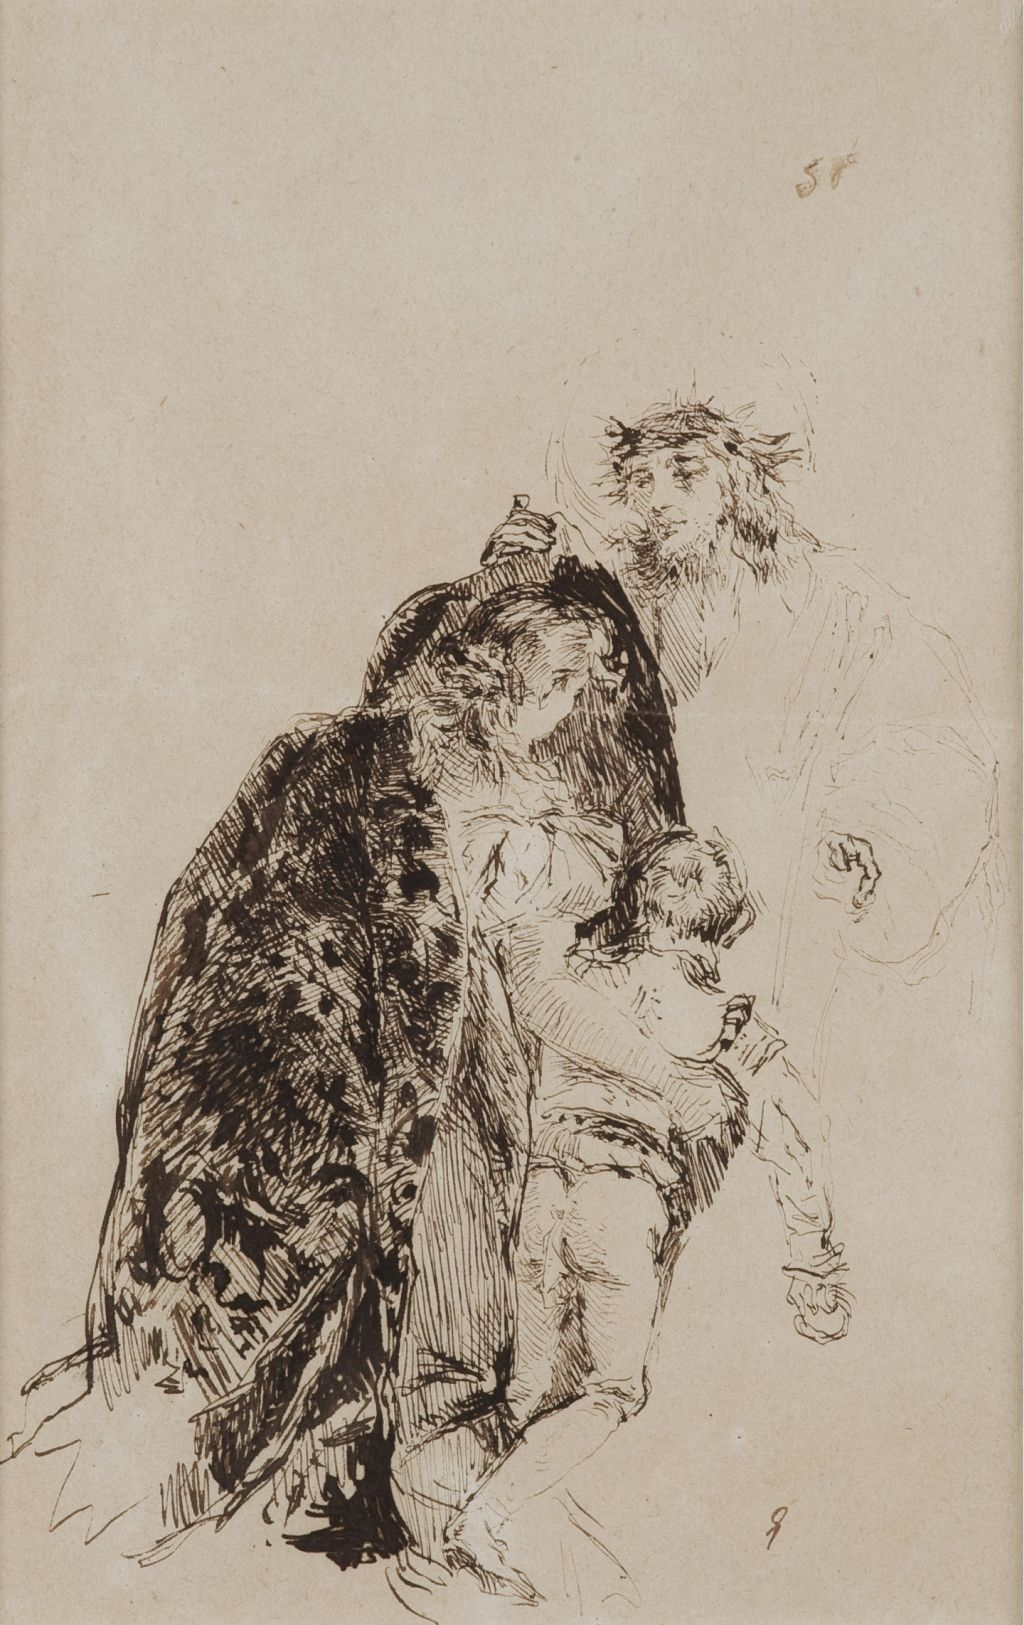 """Estudi de la """"VIII Estació del Vía Crucis"""" del gravat de Giandomenico Tiepolo, Marià Fortuny"""